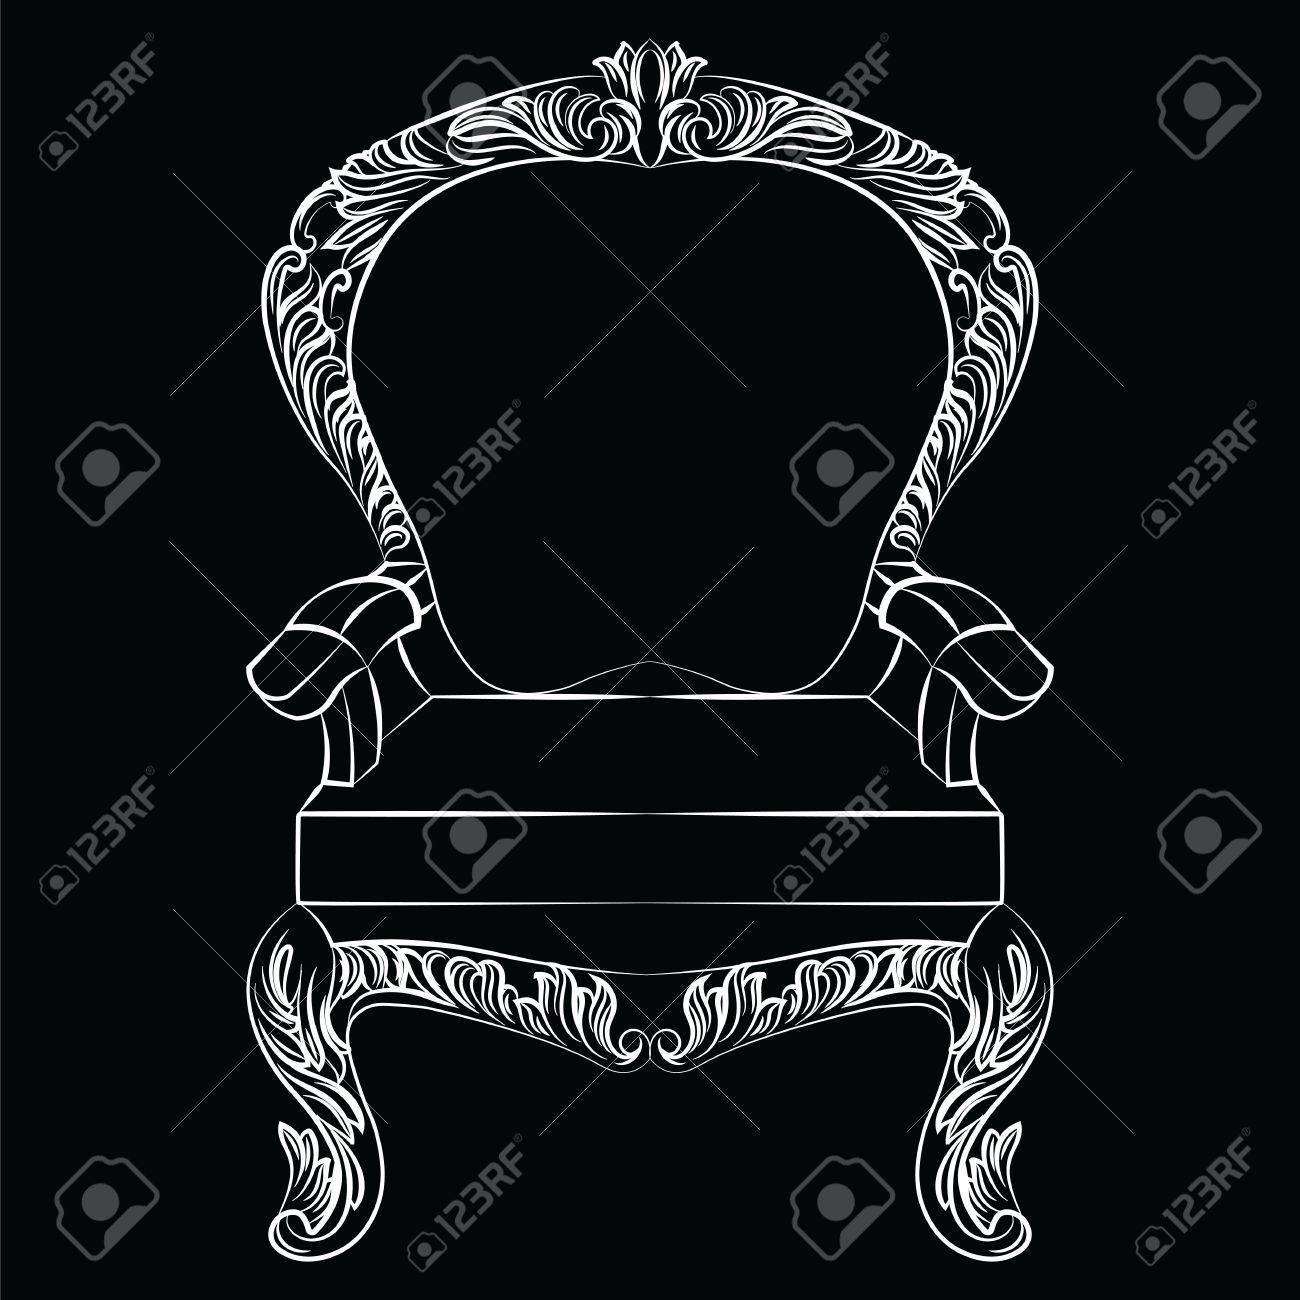 Wunderbar Barock Luxus Stil Sessel Möbel. Thron Mit Luxuus Reichen Verzierungen.  Französisch Luxus Reich